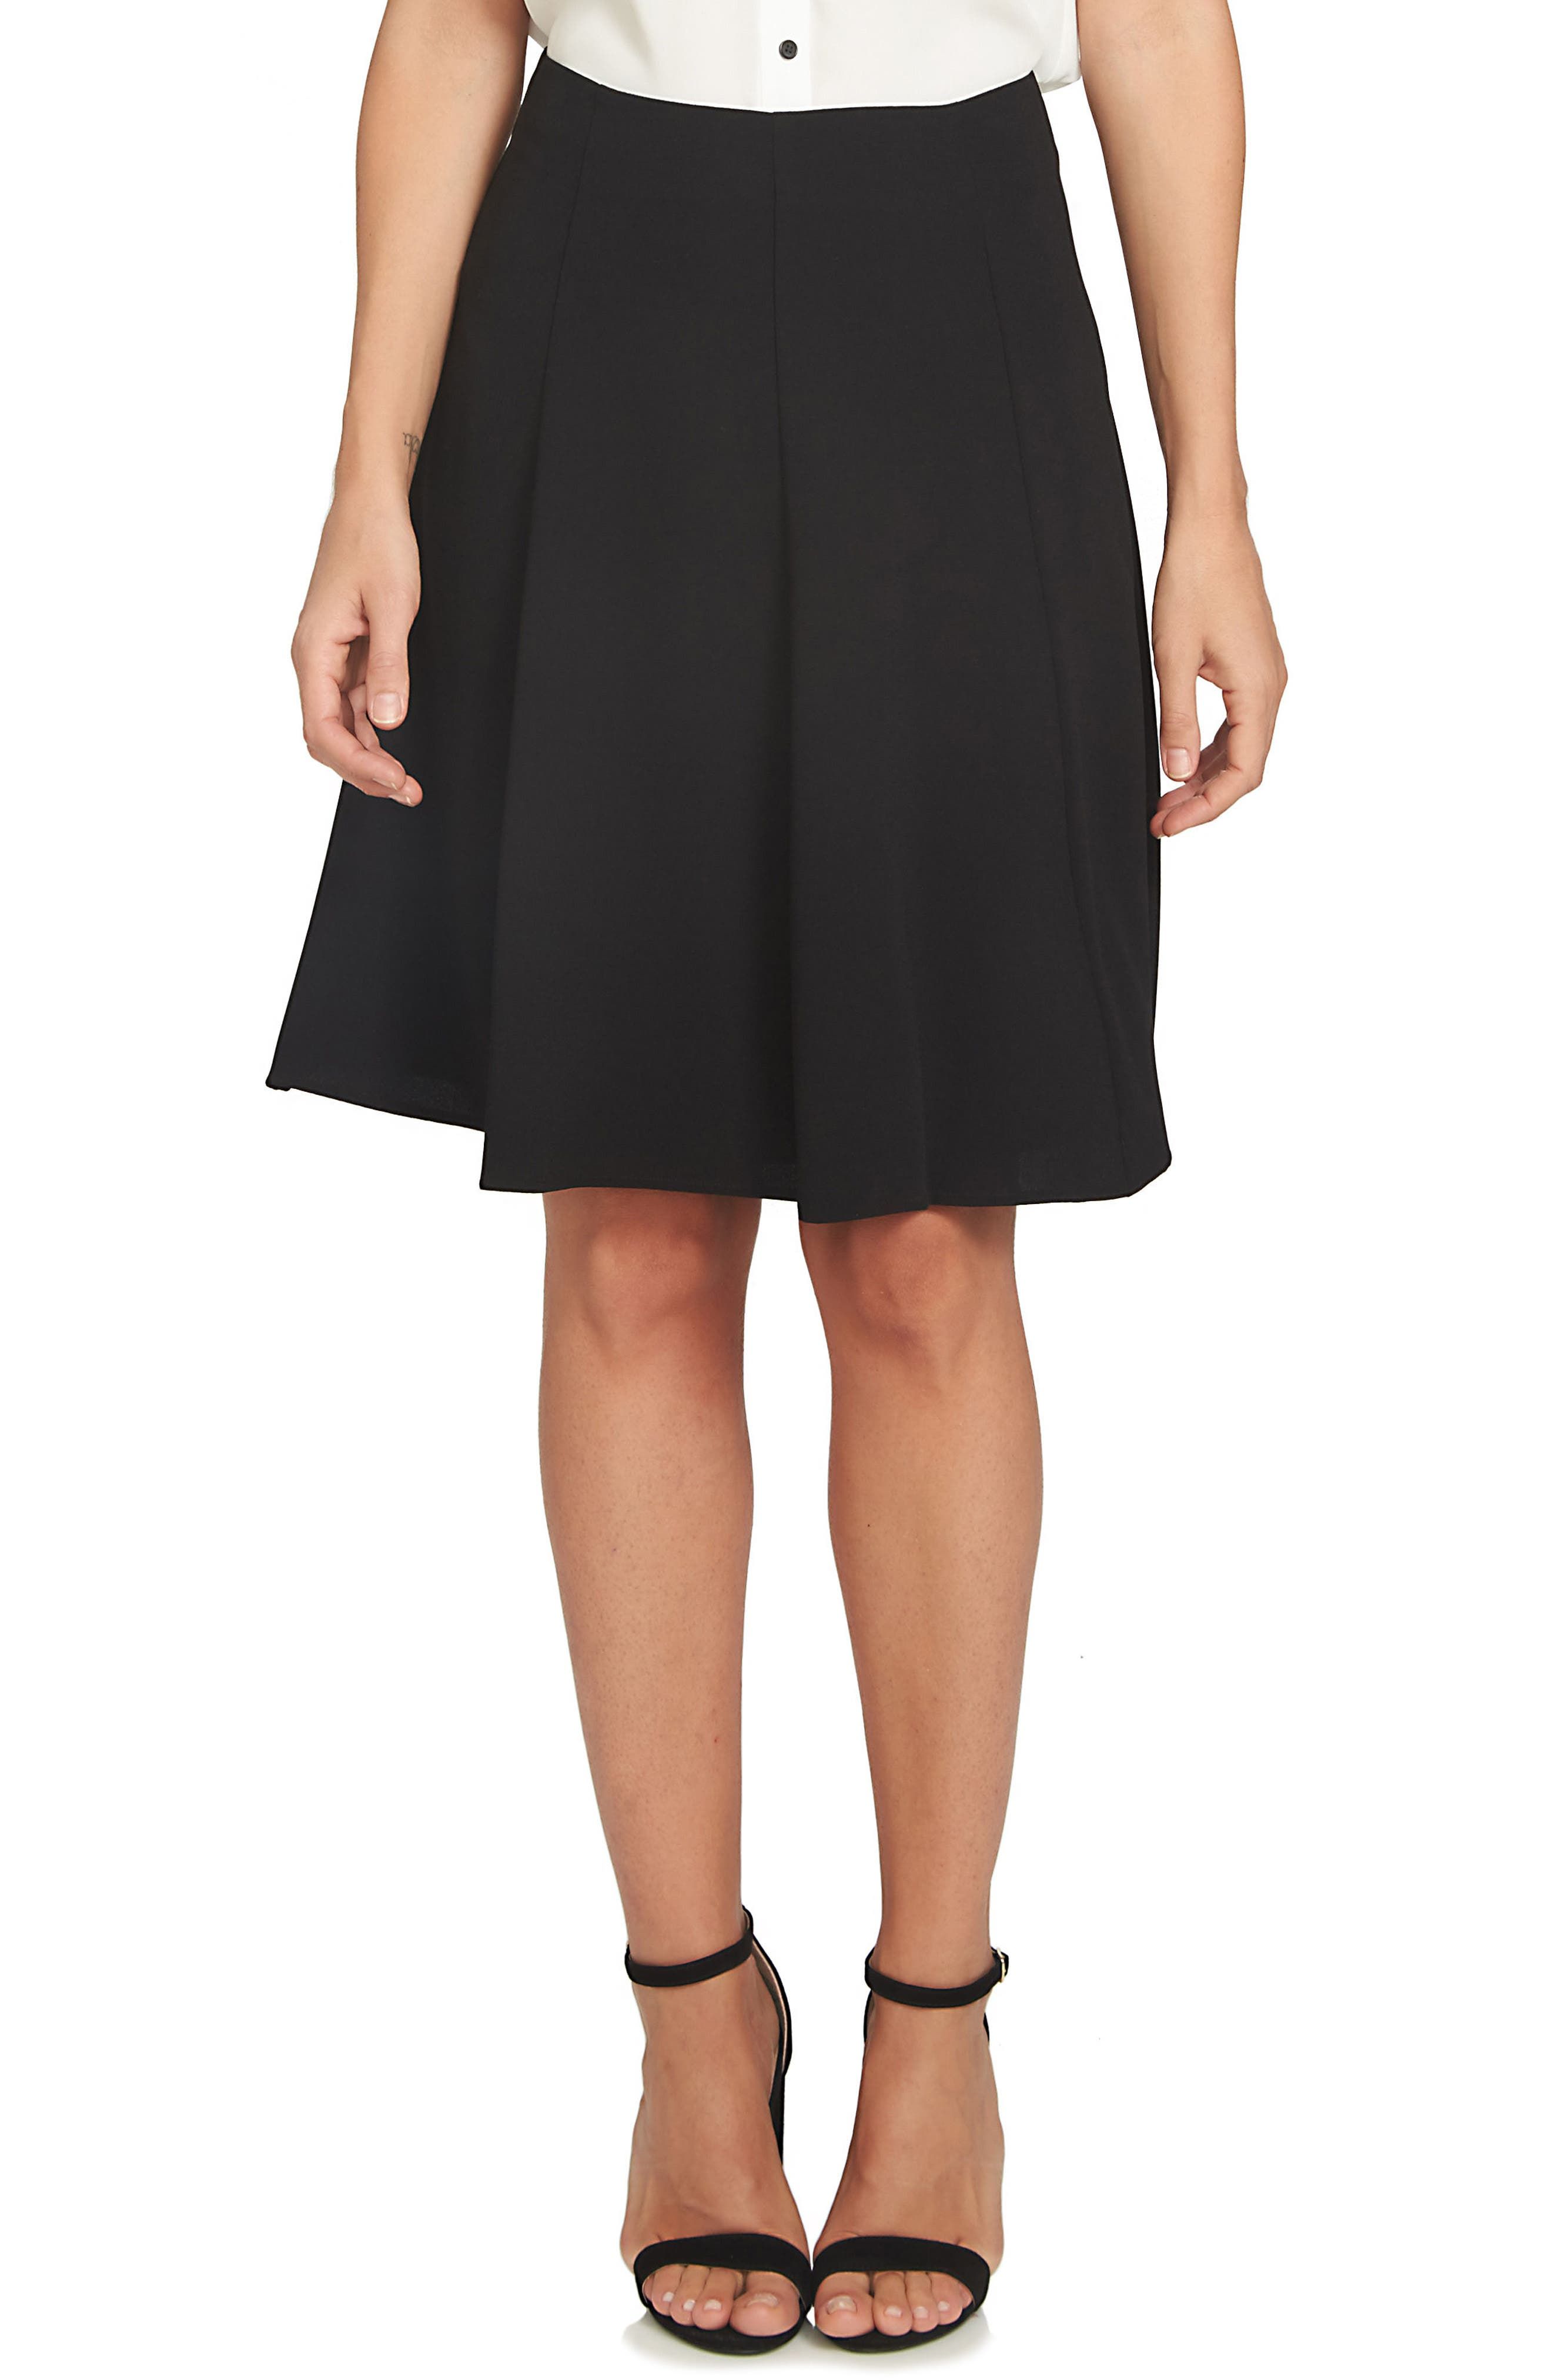 CECE, Crepe A-Line Skirt, Main thumbnail 1, color, BLACK